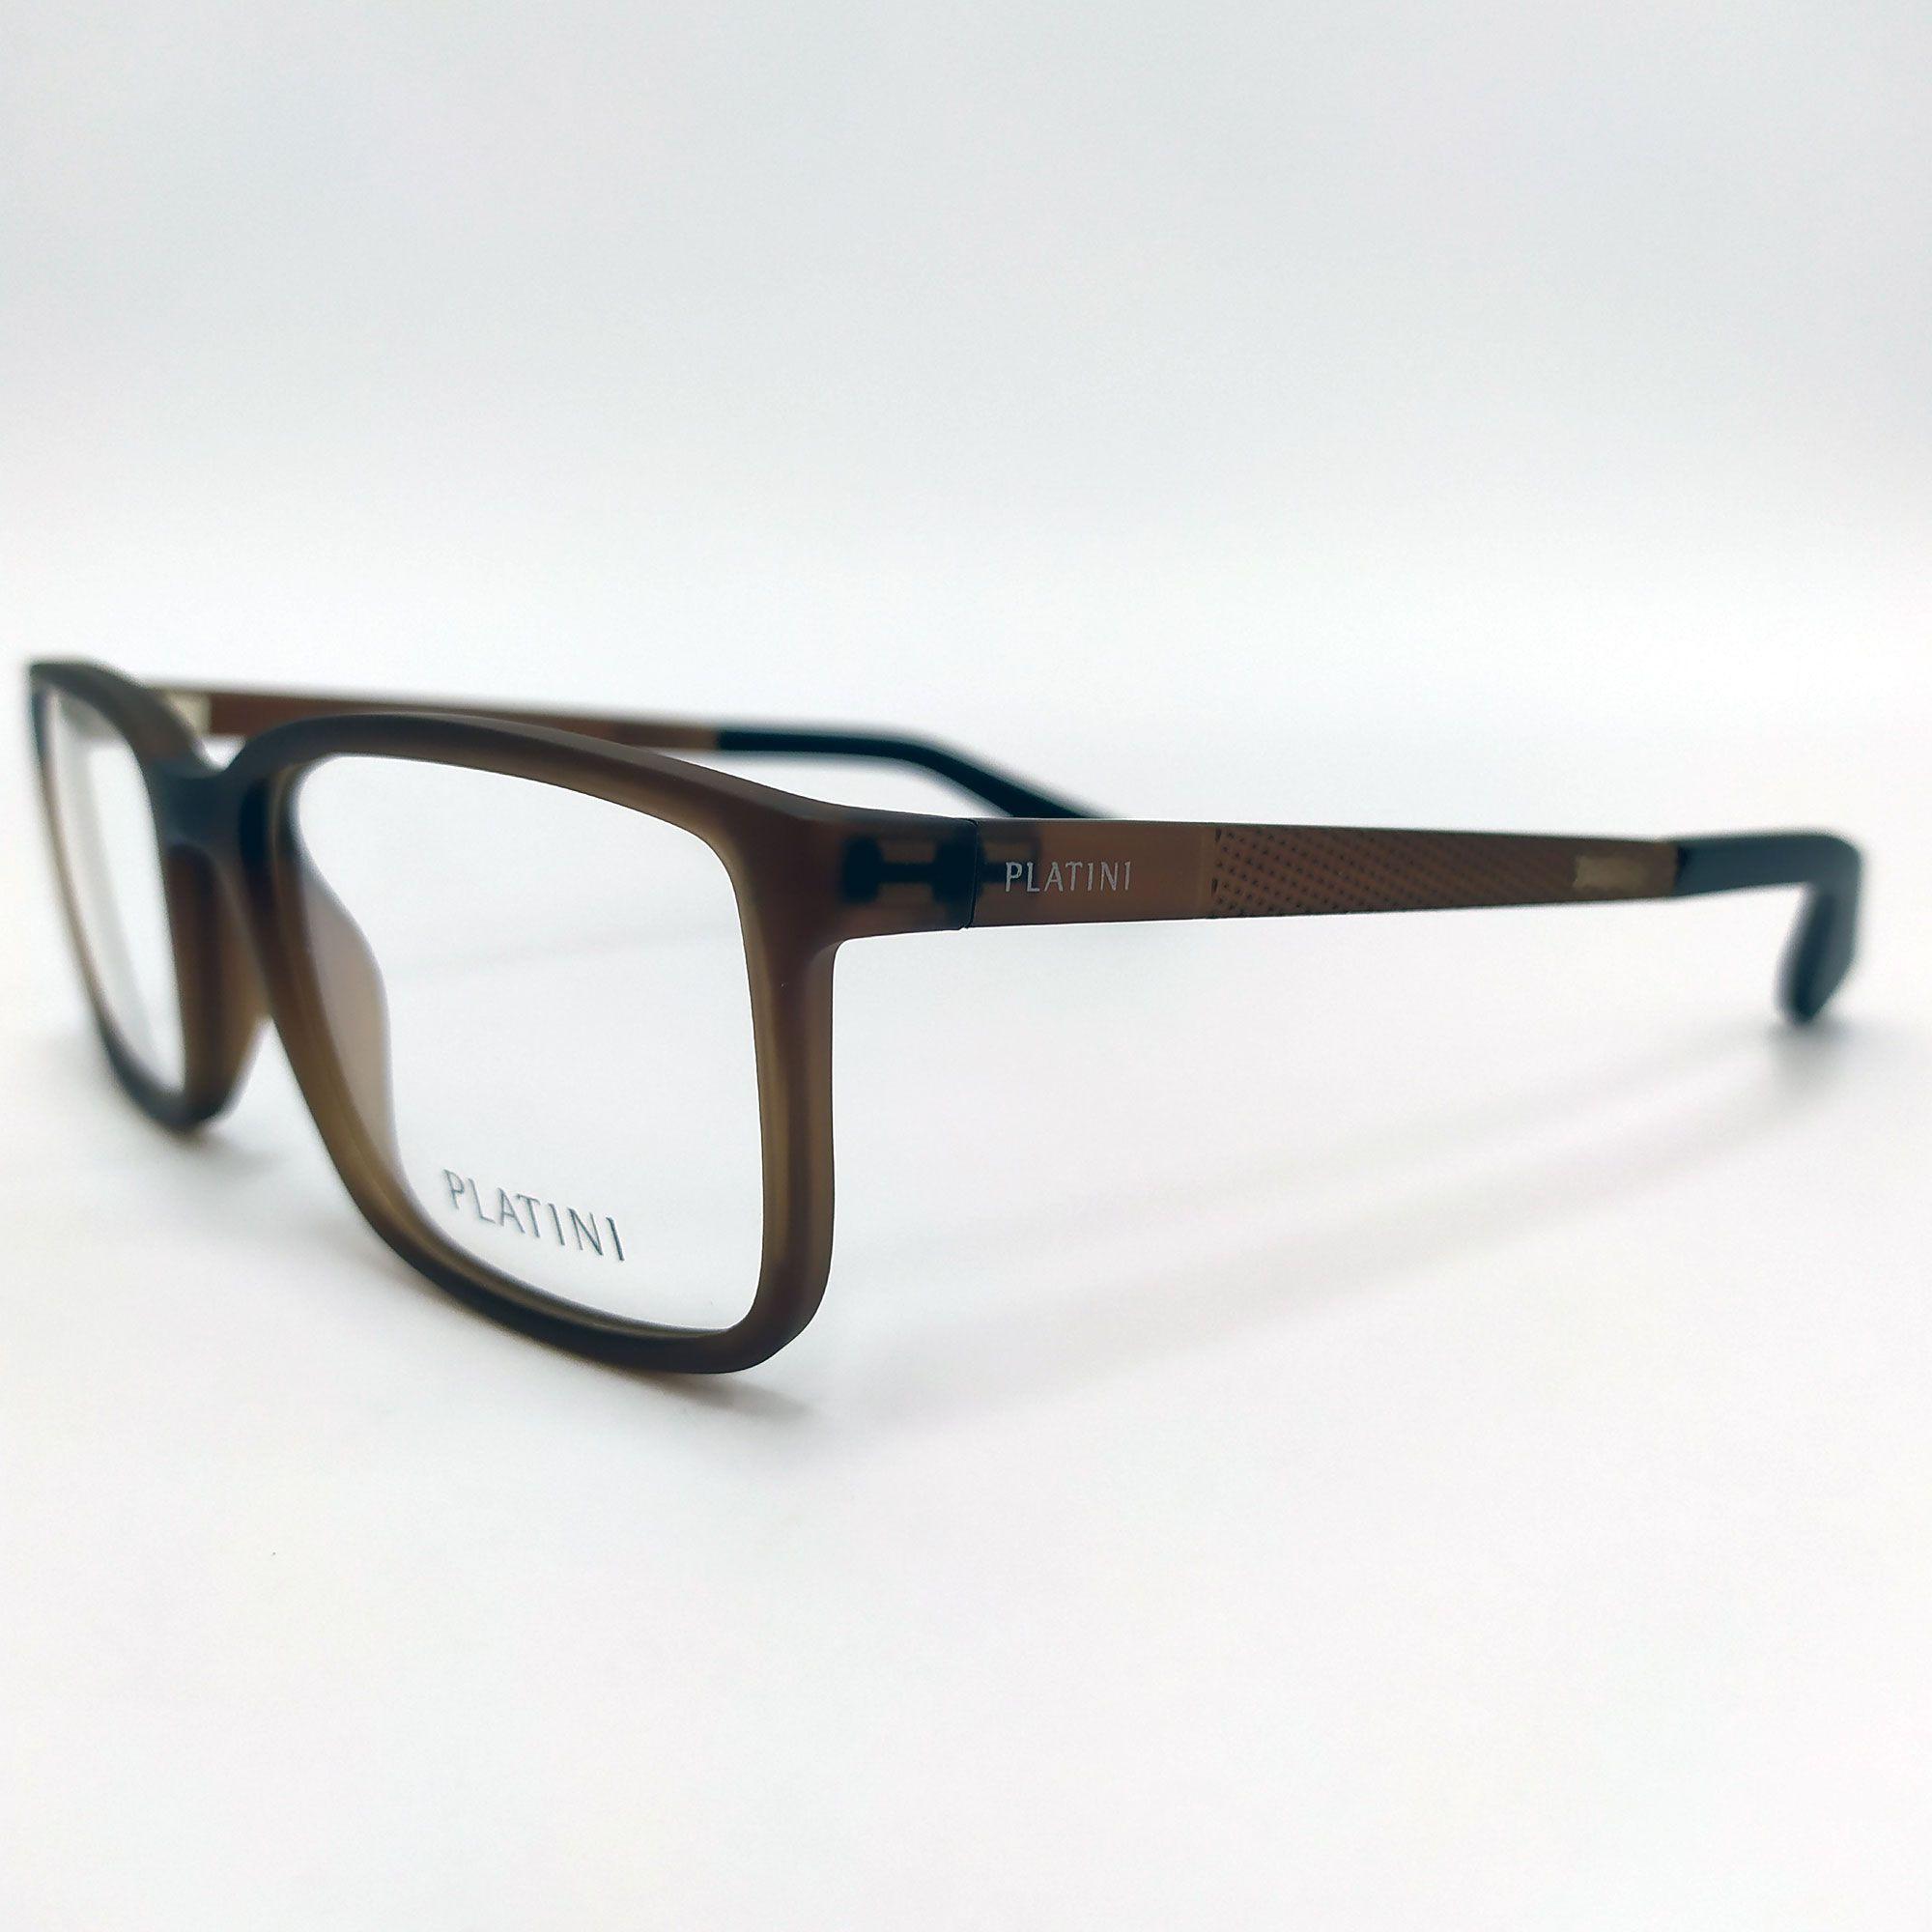 Óculos de Grau Platini Marrom fosco P93145 F986